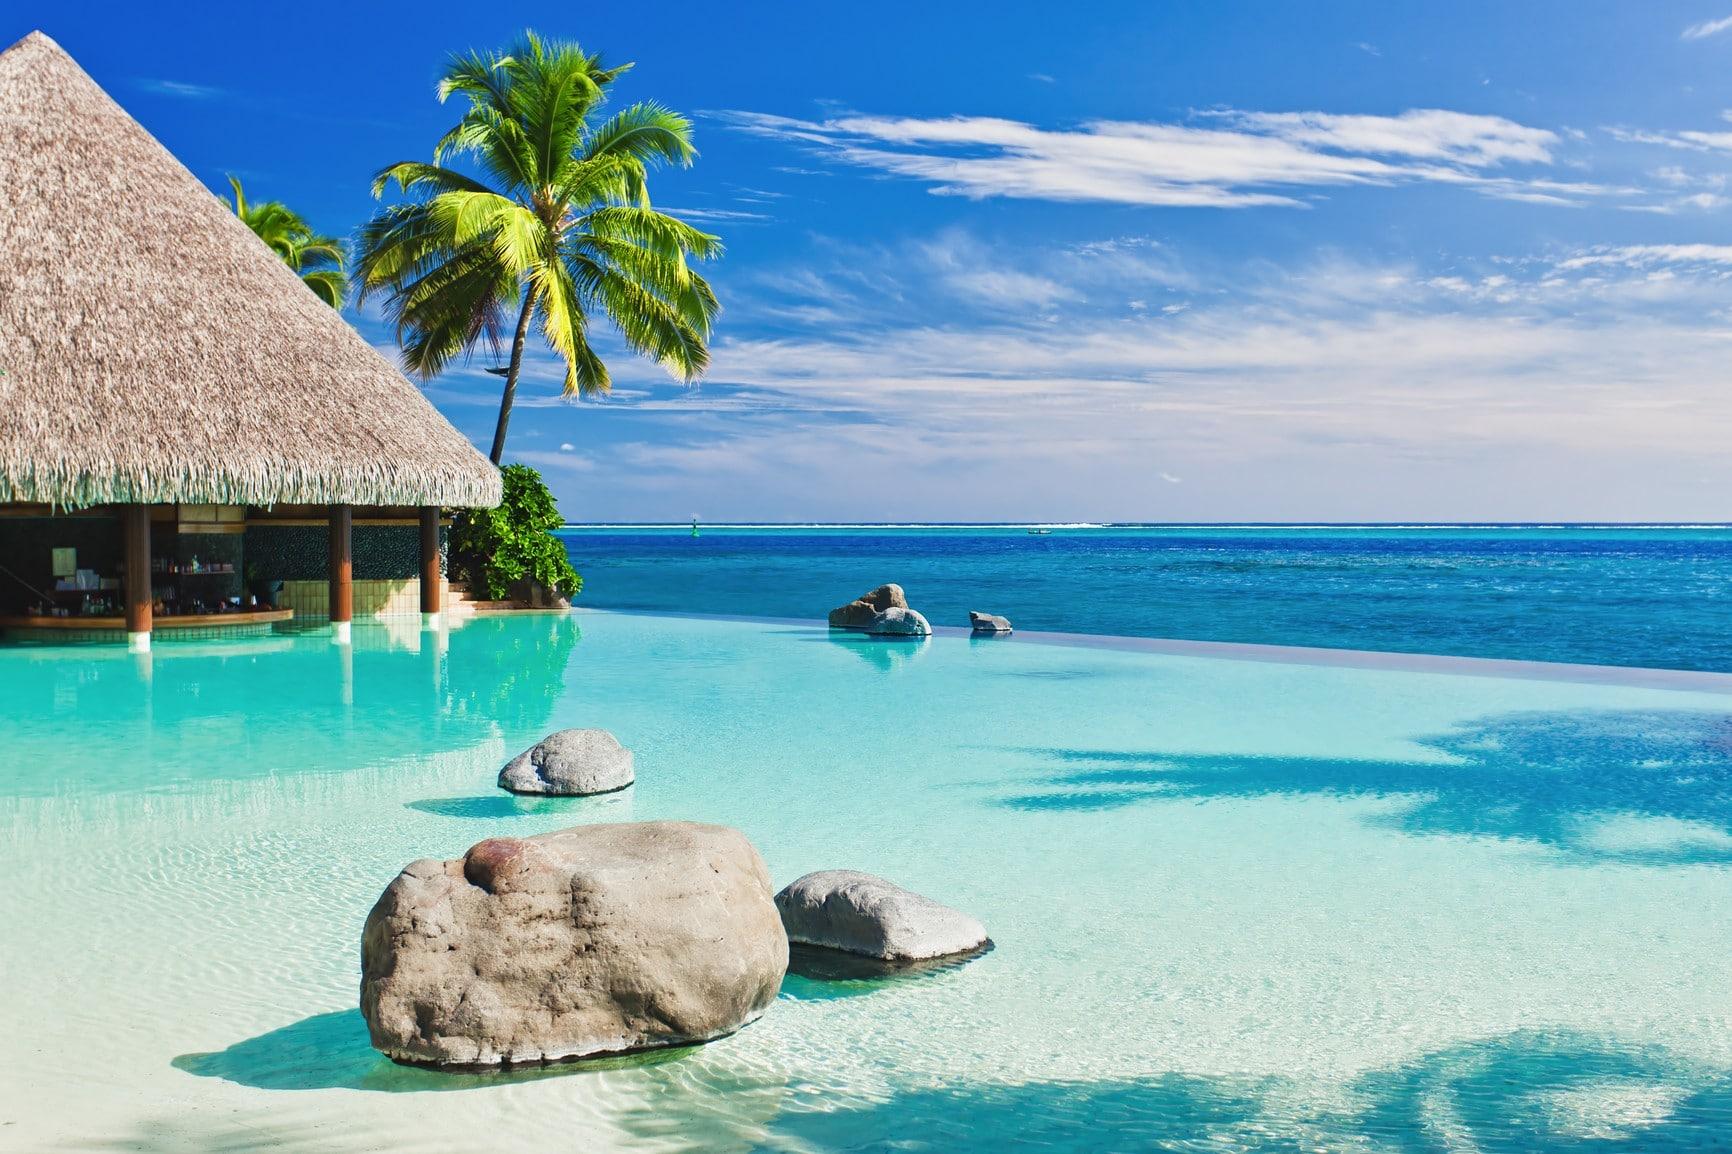 De mooiste zwembaden ter wereld wereldreizigers - De mooiste woningen in de wereld ...